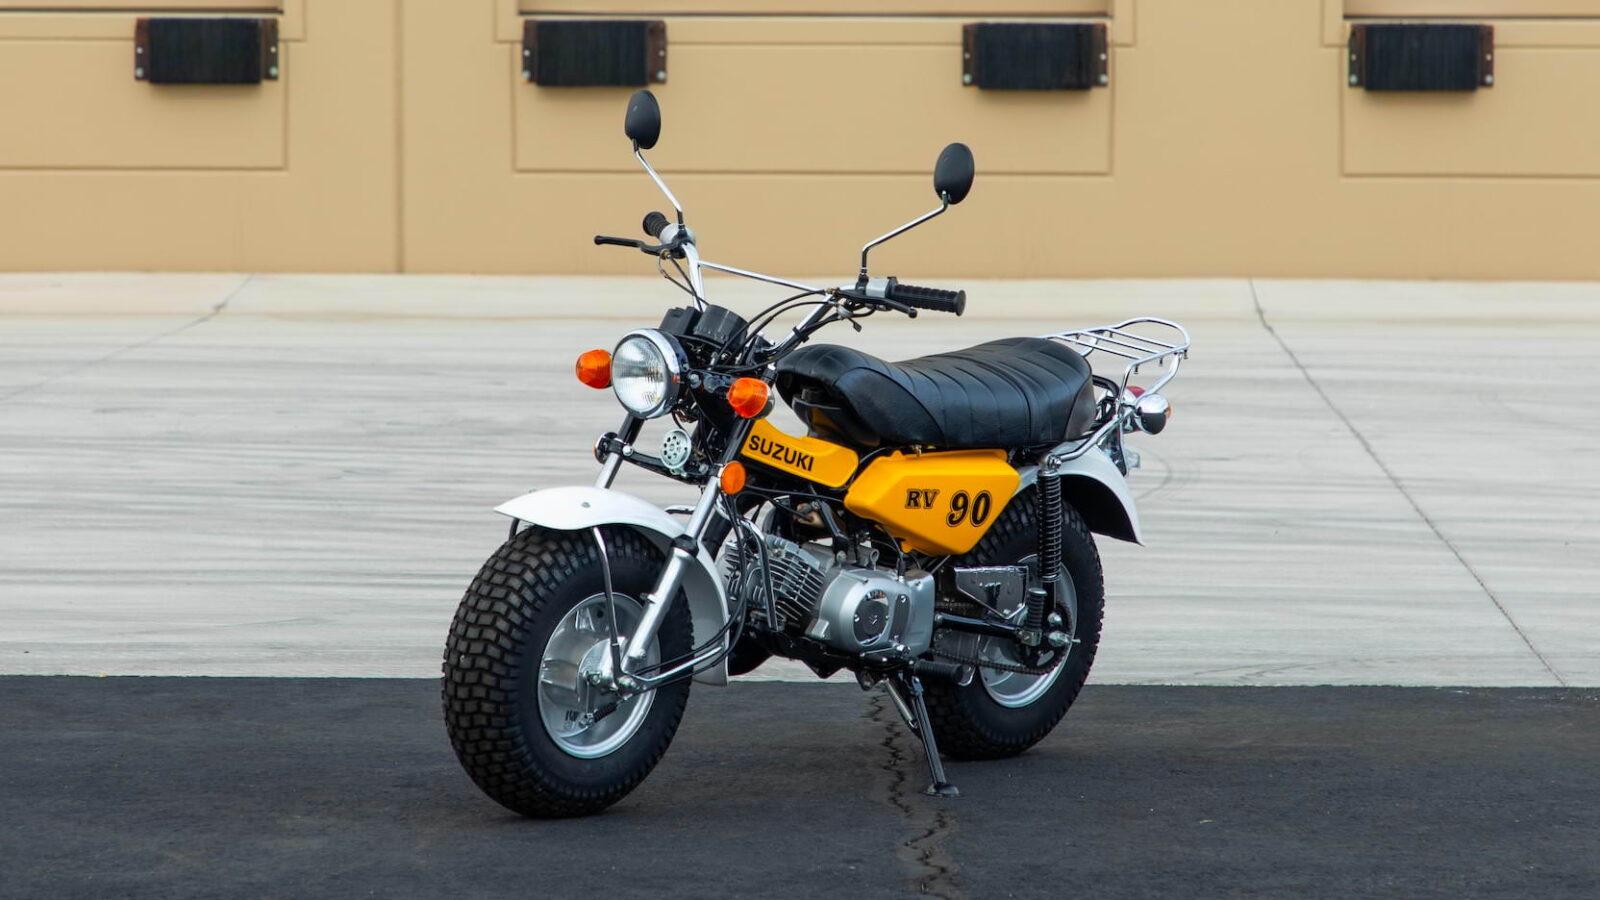 Suzuki RV90 4